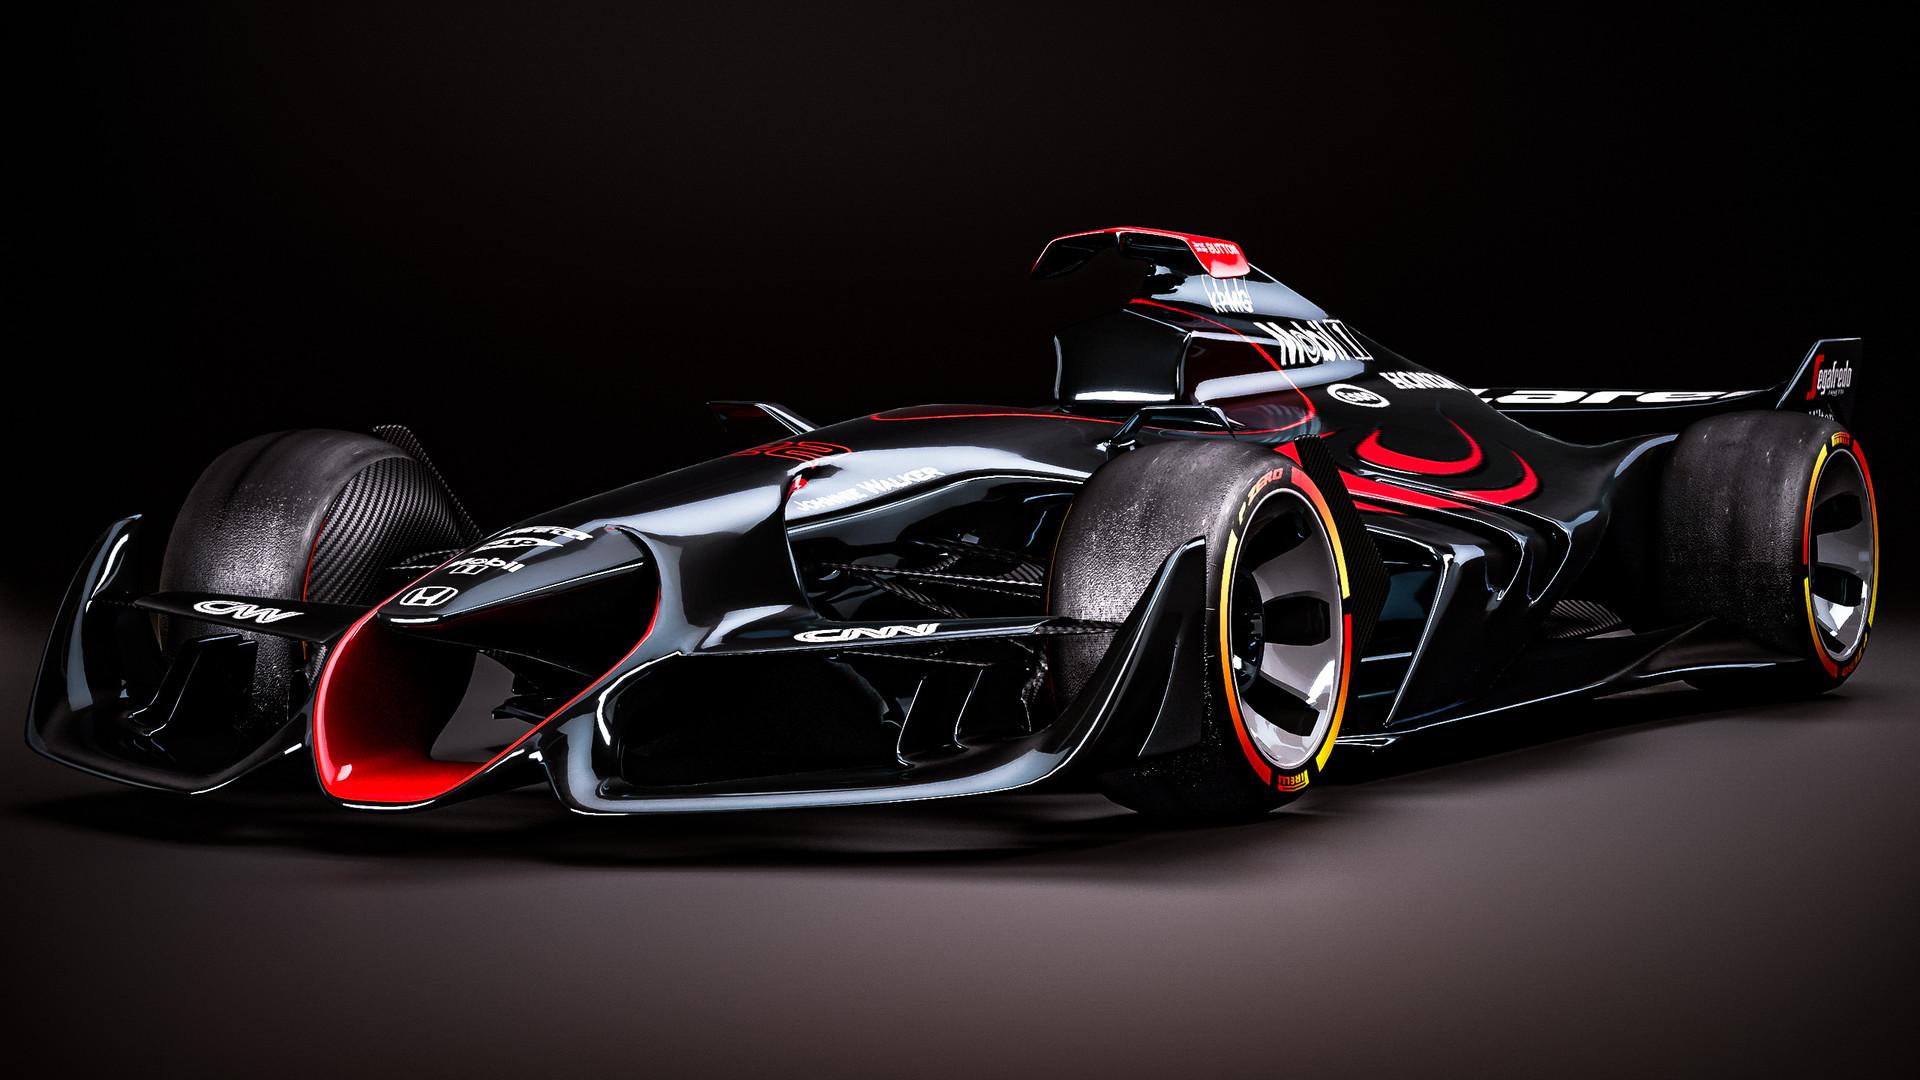 ArtStation , McLaren Honda livery (Button),Ferrari F1